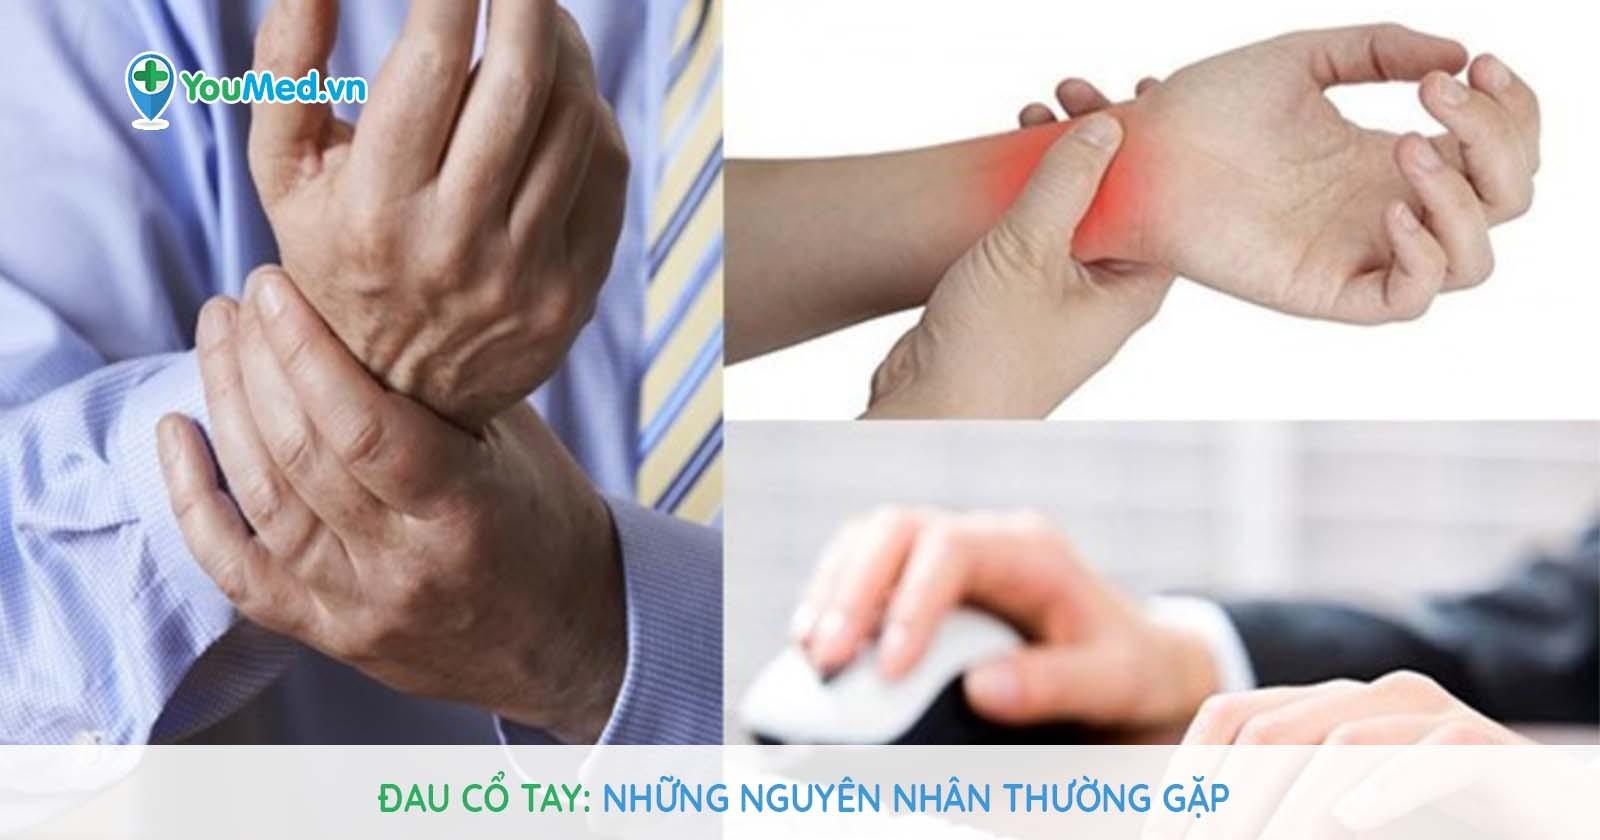 Đau cổ tay: Những nguyên nhân thường gặp